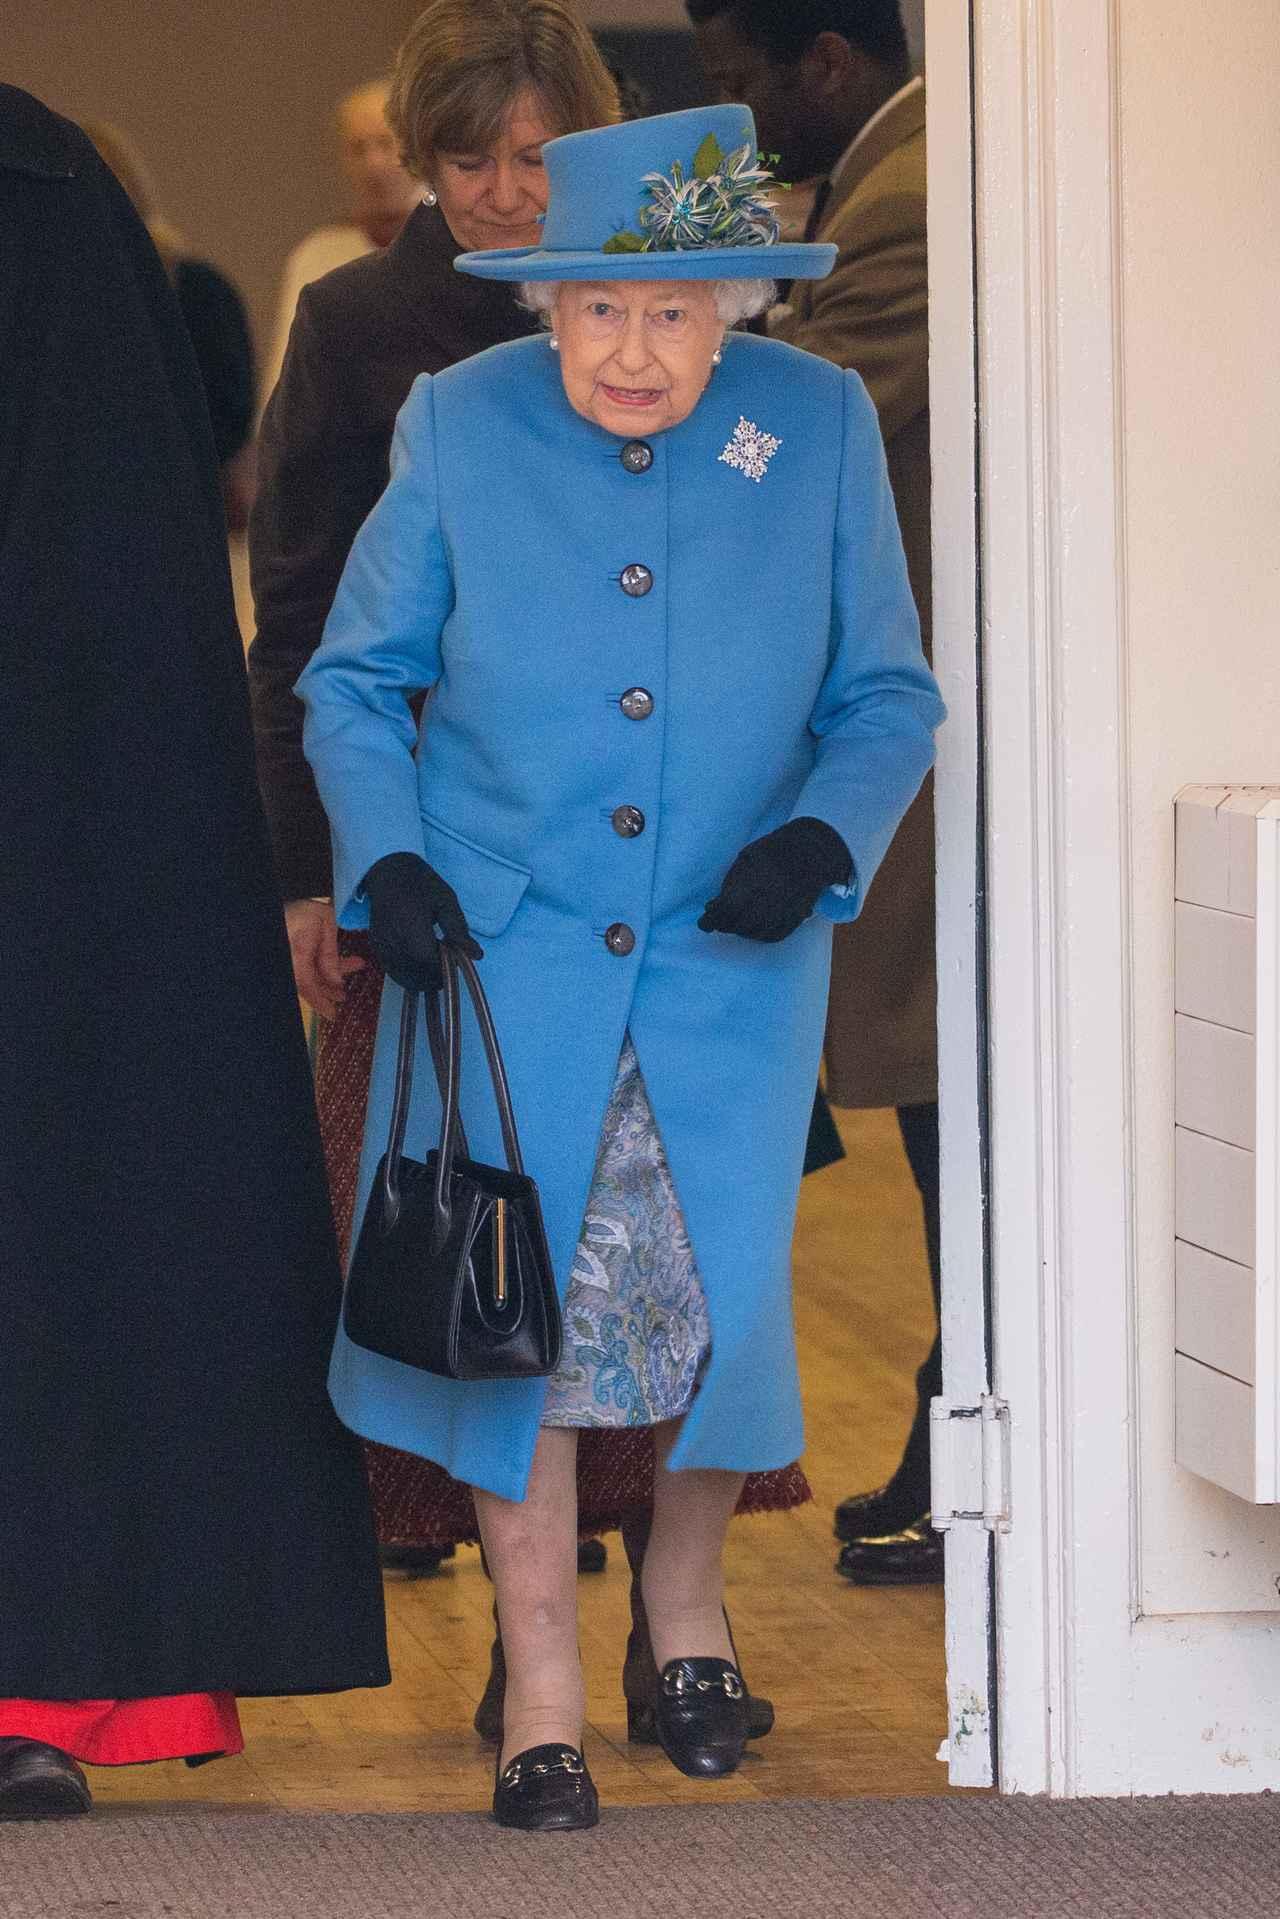 画像1: エリザベス女王、衣装にきらめく孫たちへの愛